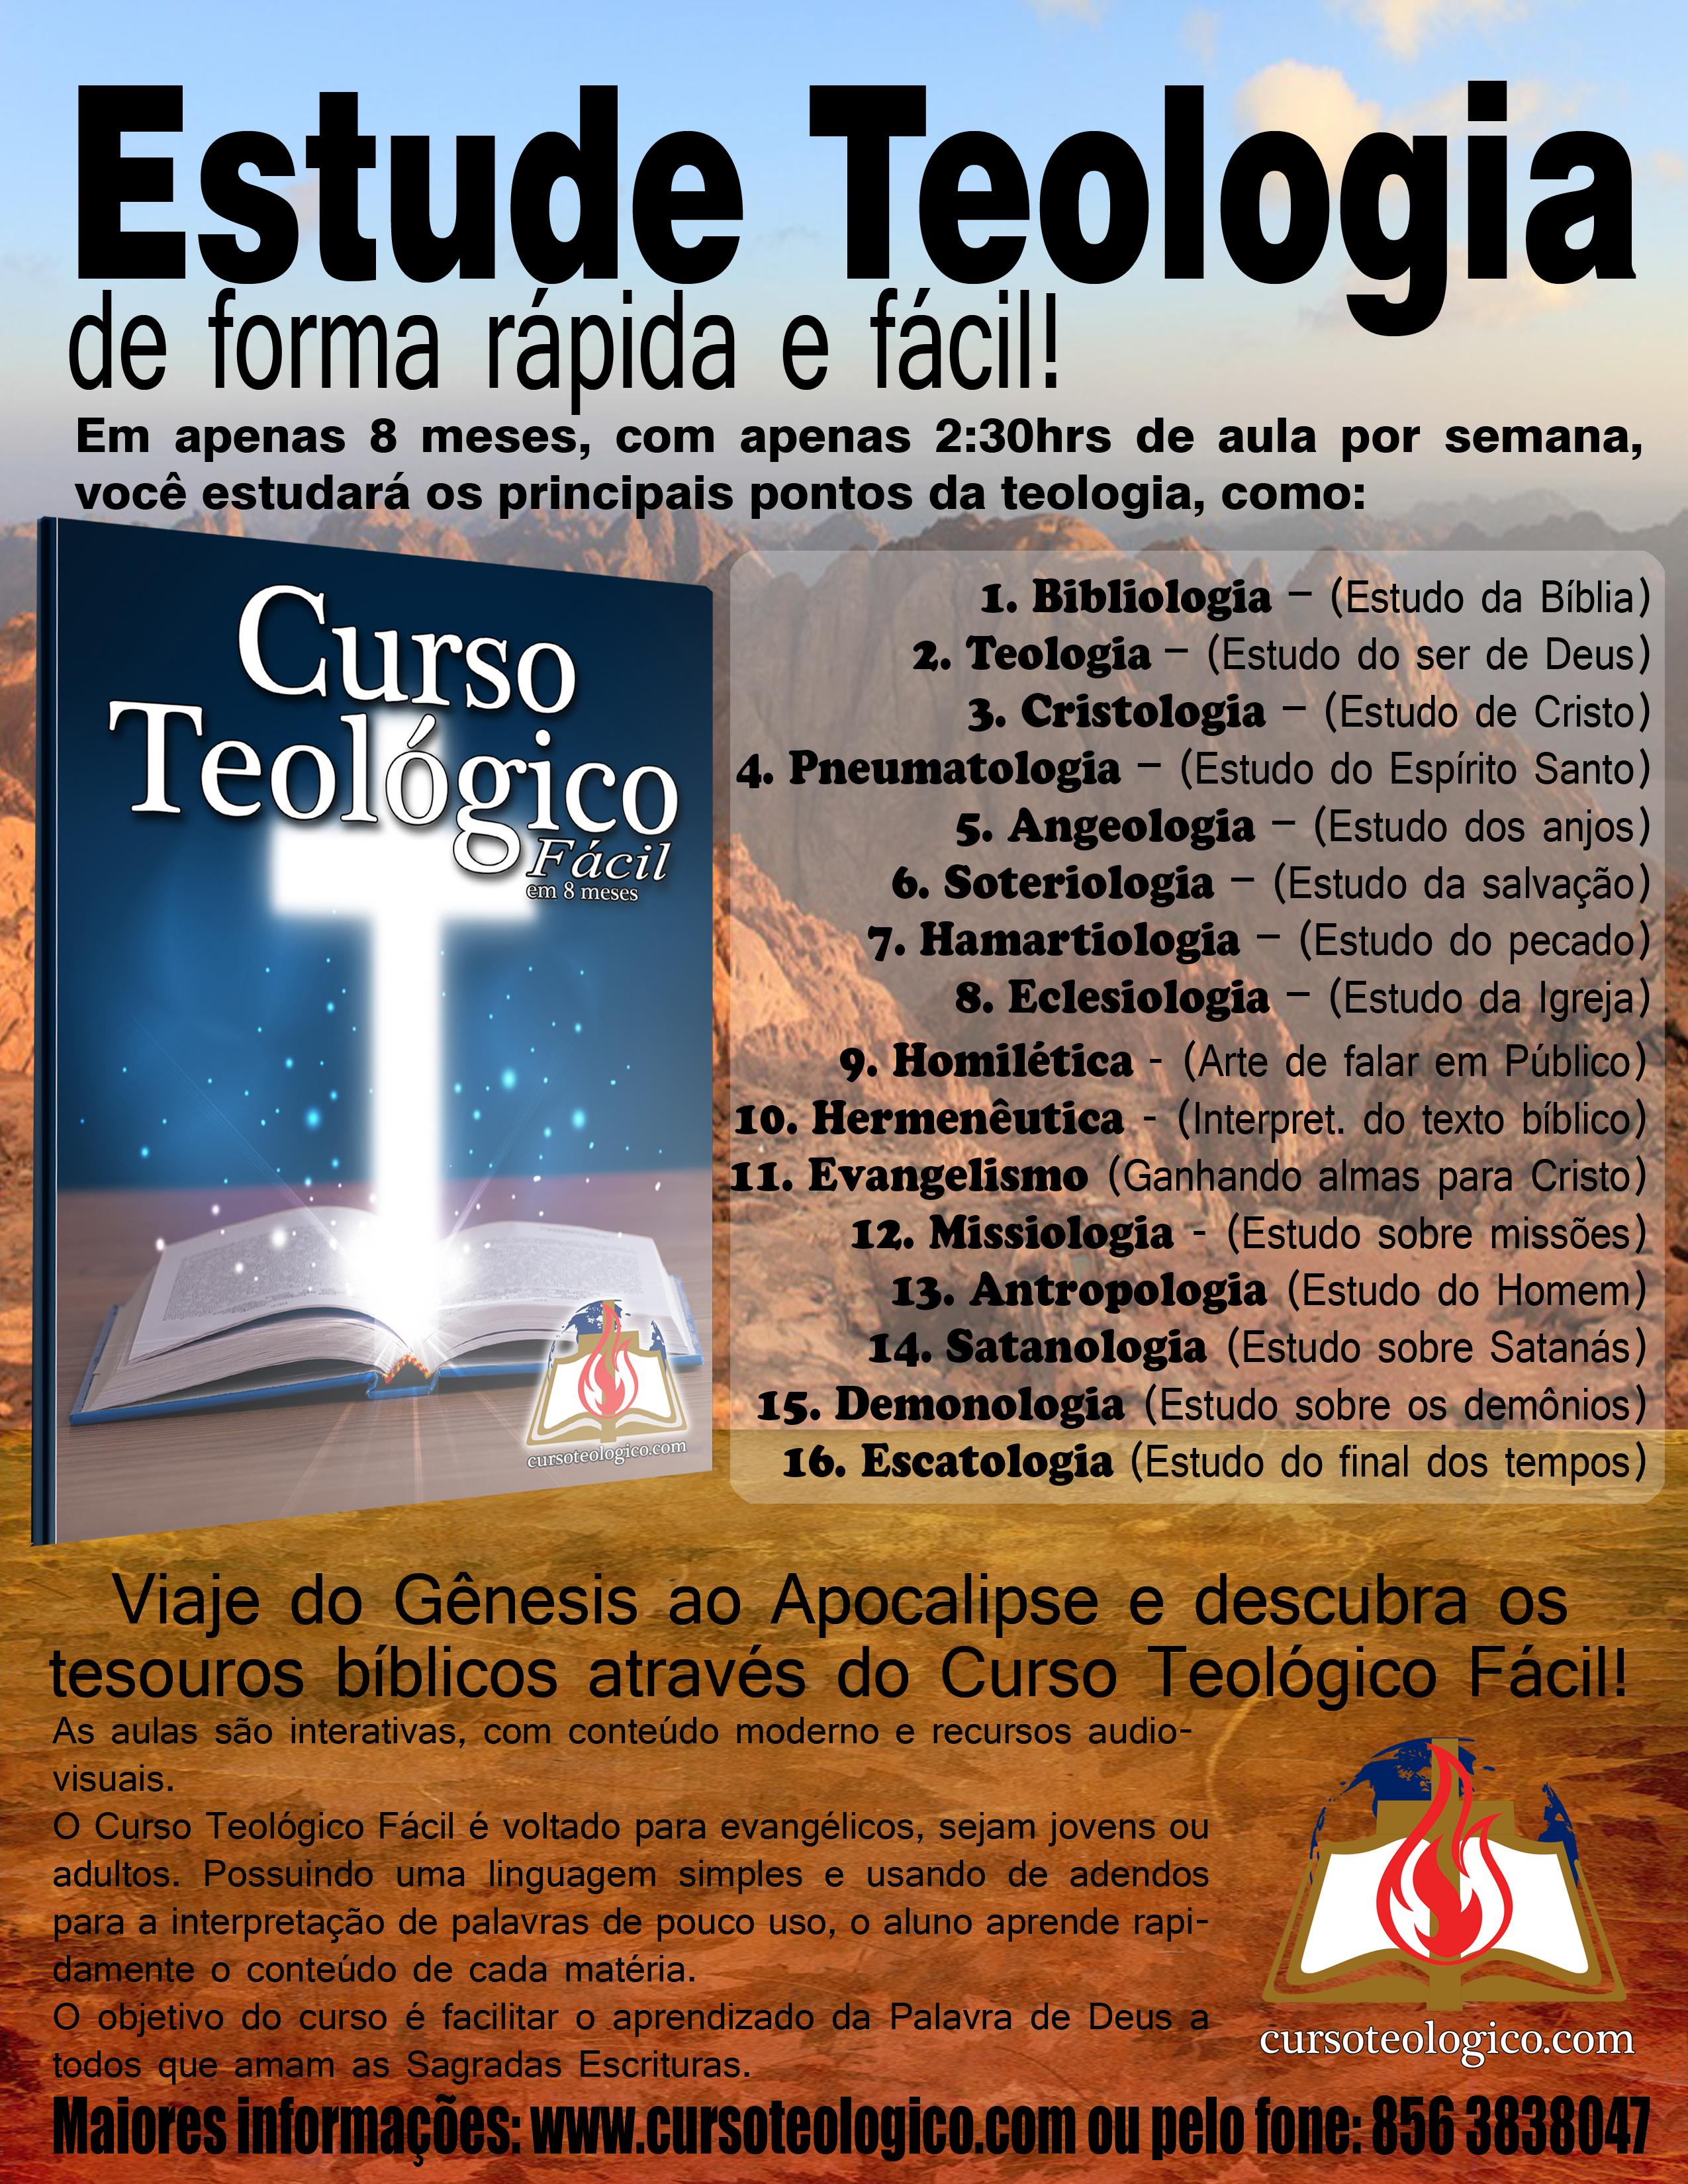 Curso Teológico Fácil - Eclesiologia I e II e Homilética I e II